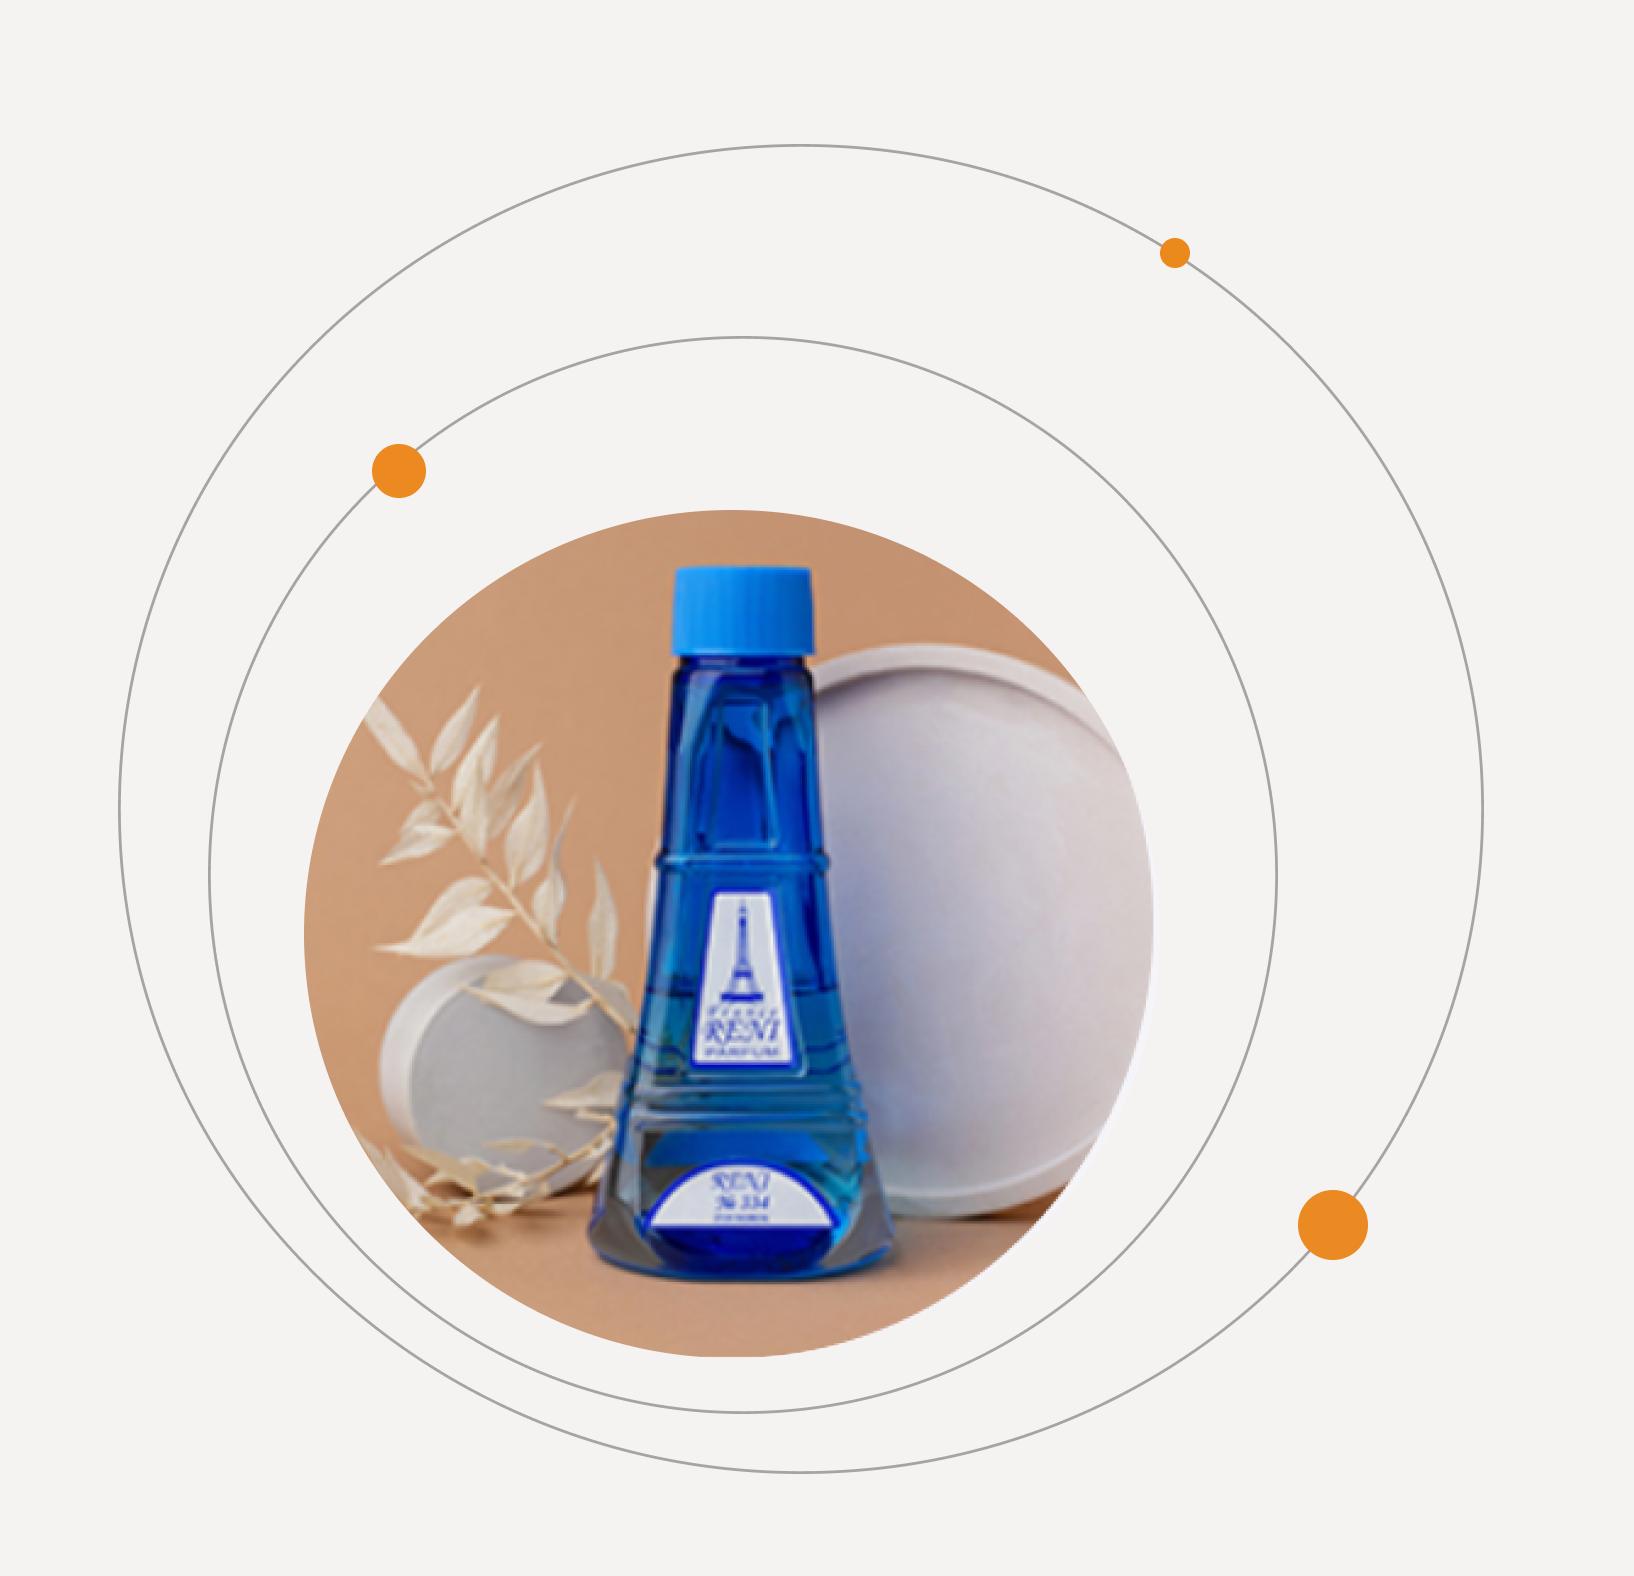 Как коэффициент транзакций увеличился на 32% после создания нового сайта для Perfumer